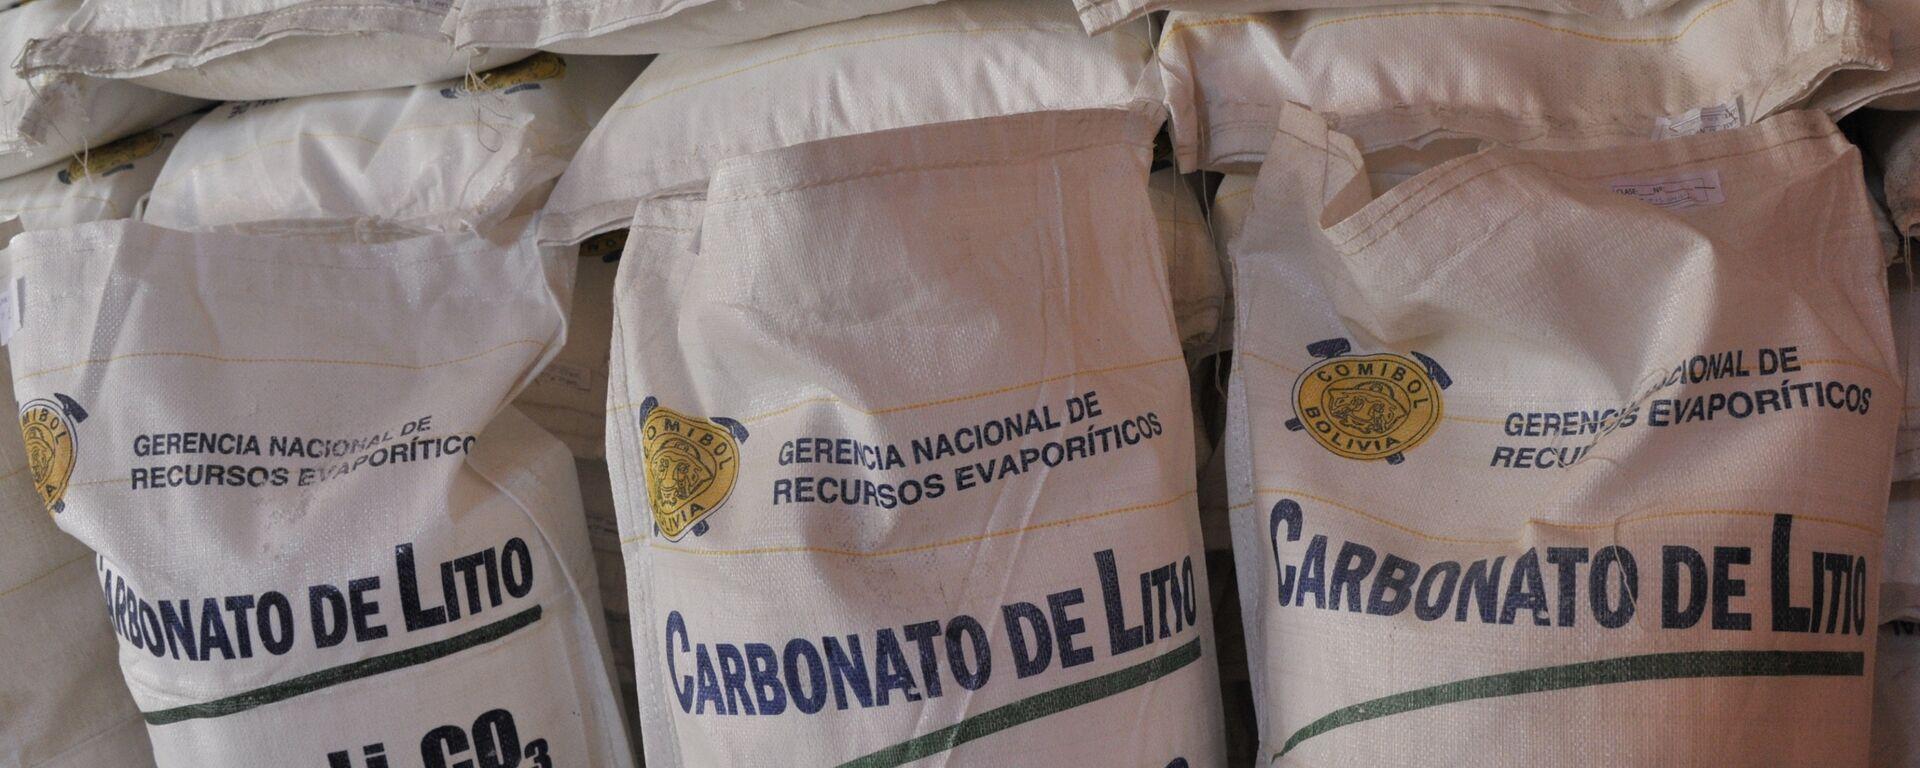 Carbonato de litio de Bolivia - Sputnik Mundo, 1920, 11.03.2021